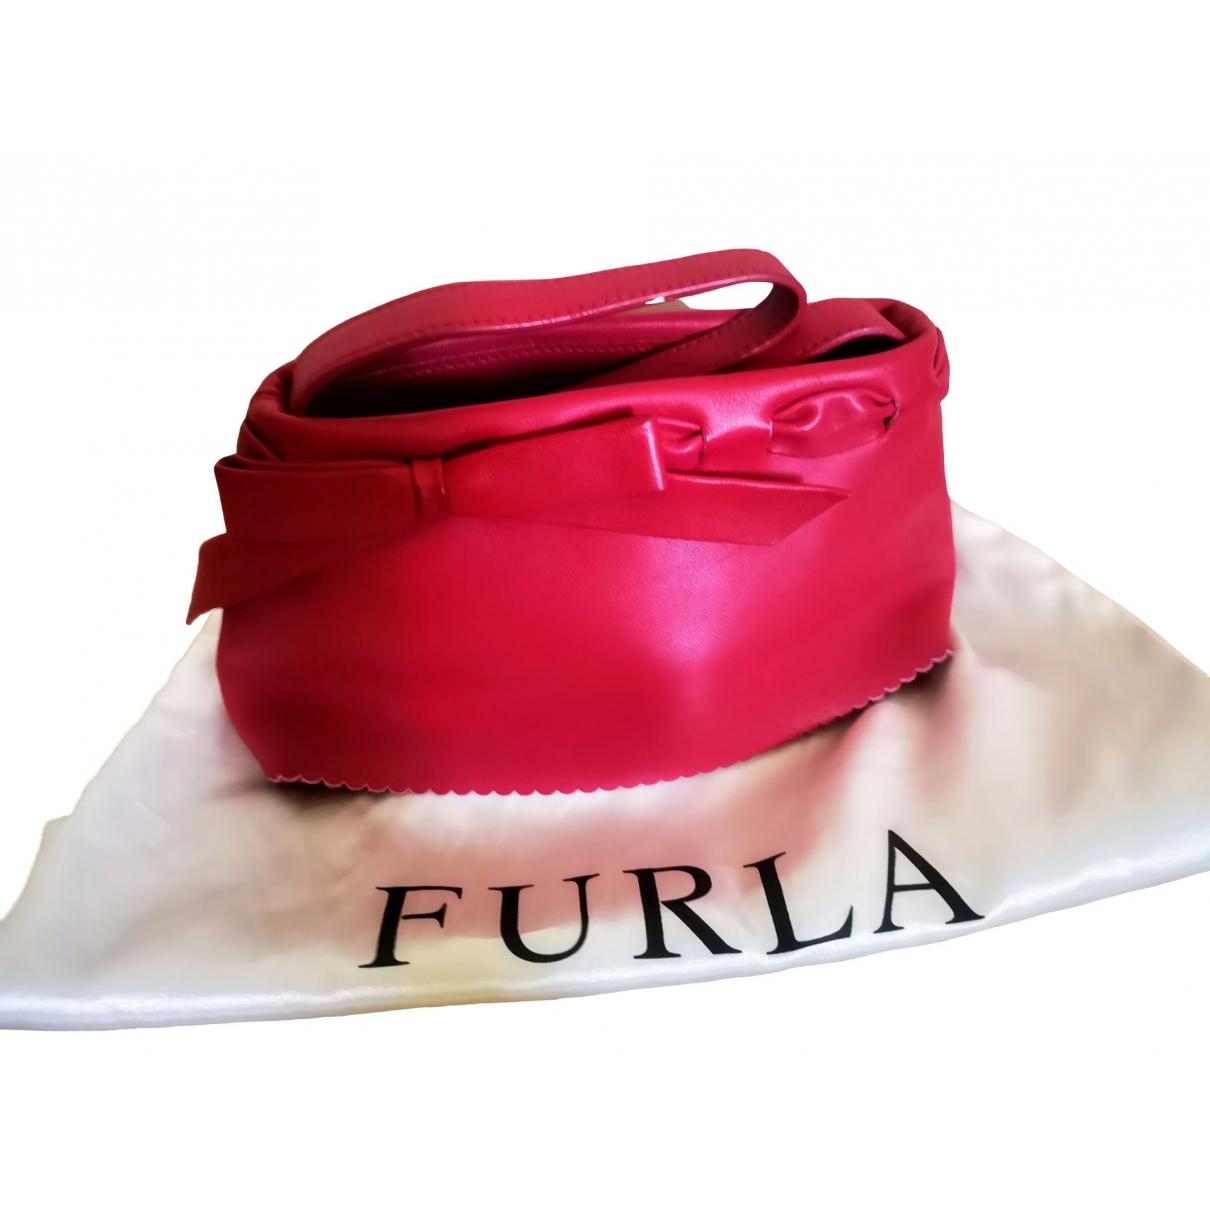 Furla - Sac a main   pour femme en cuir - rose